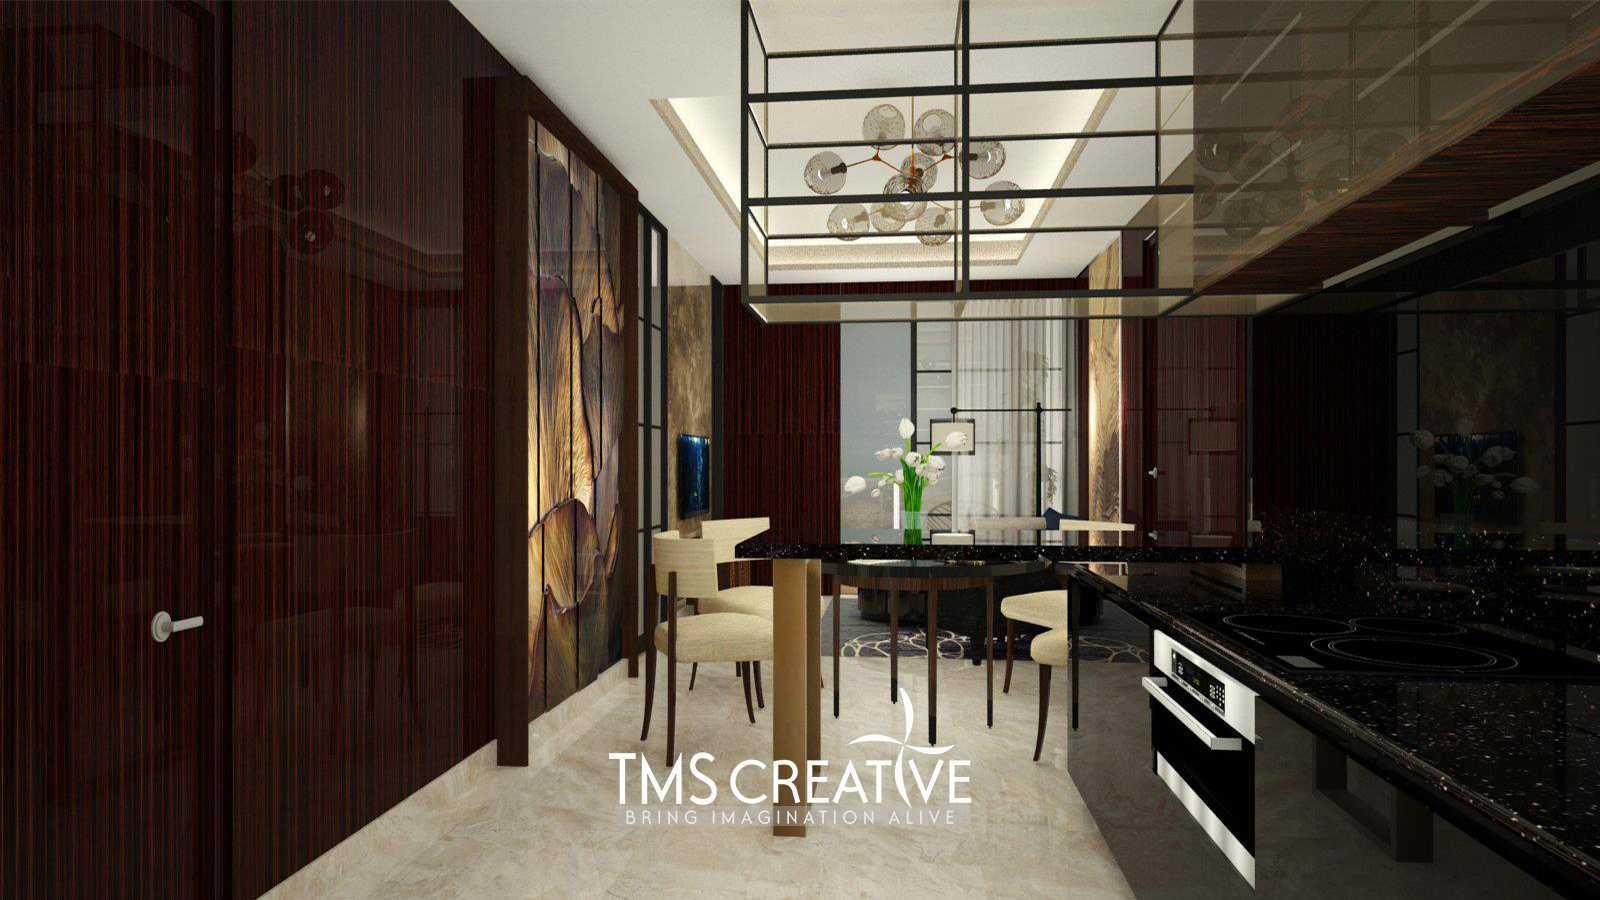 Jasa Interior Desainer TMS Creative di Bogor